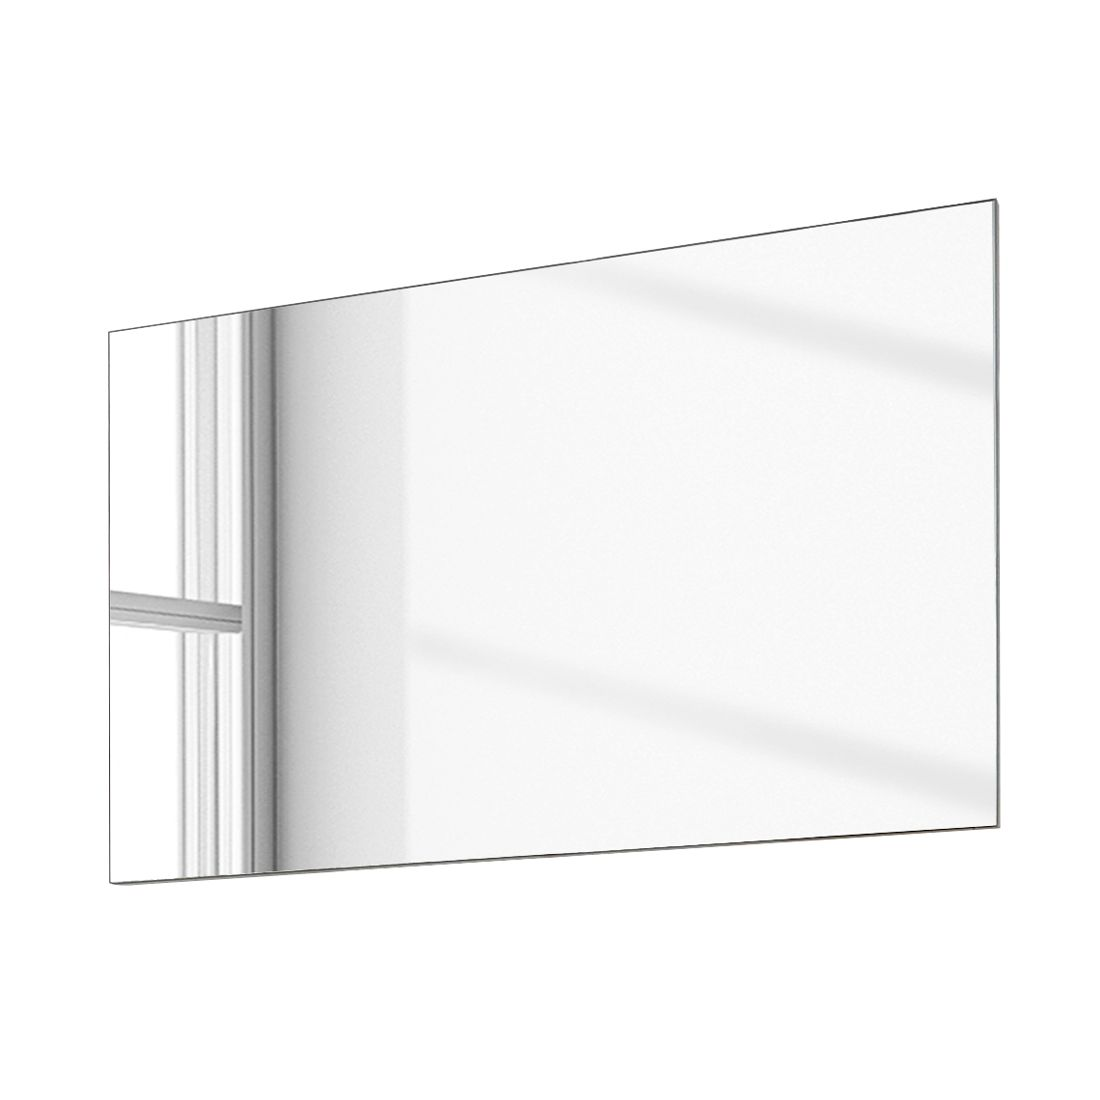 Spiegel Texture – Sanremo-Eiche Dekor, Top Square online bestellen